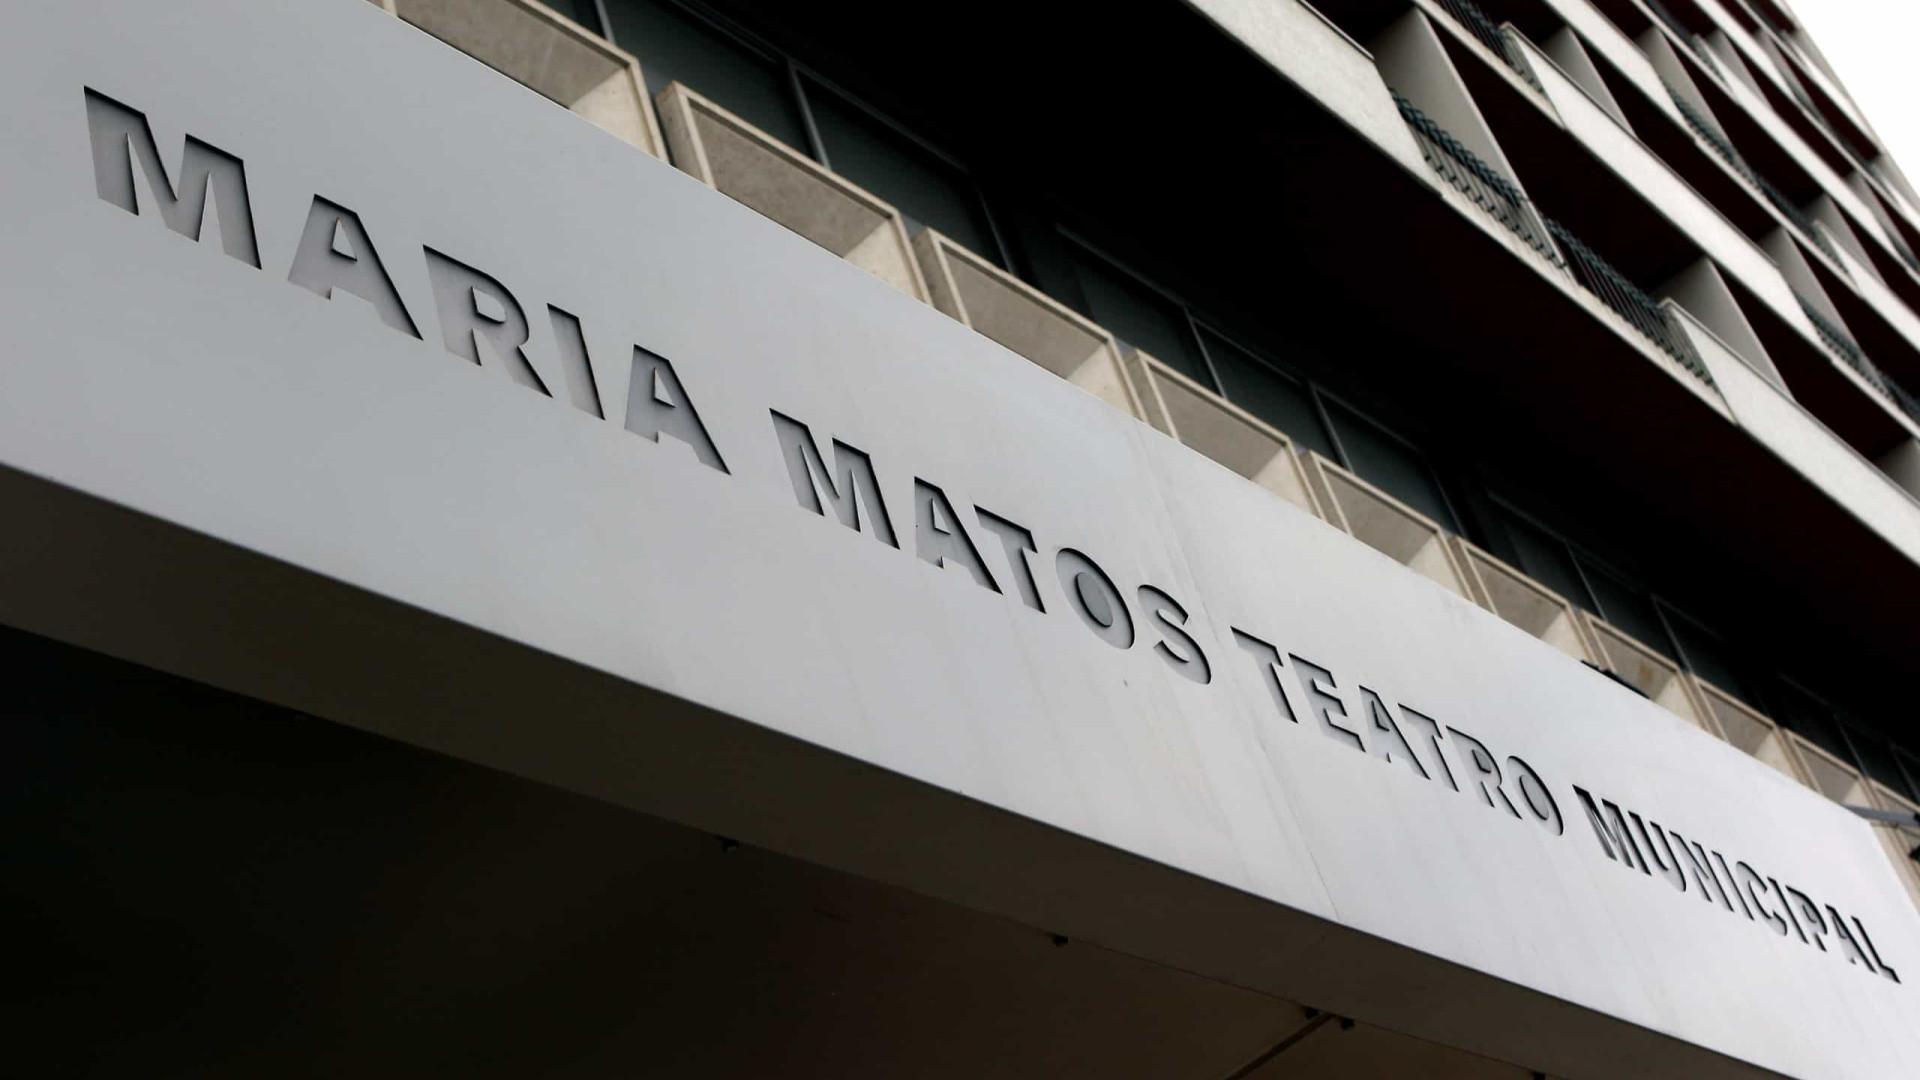 Joana Sá nas despedidas da temporada de música do Maria Matos